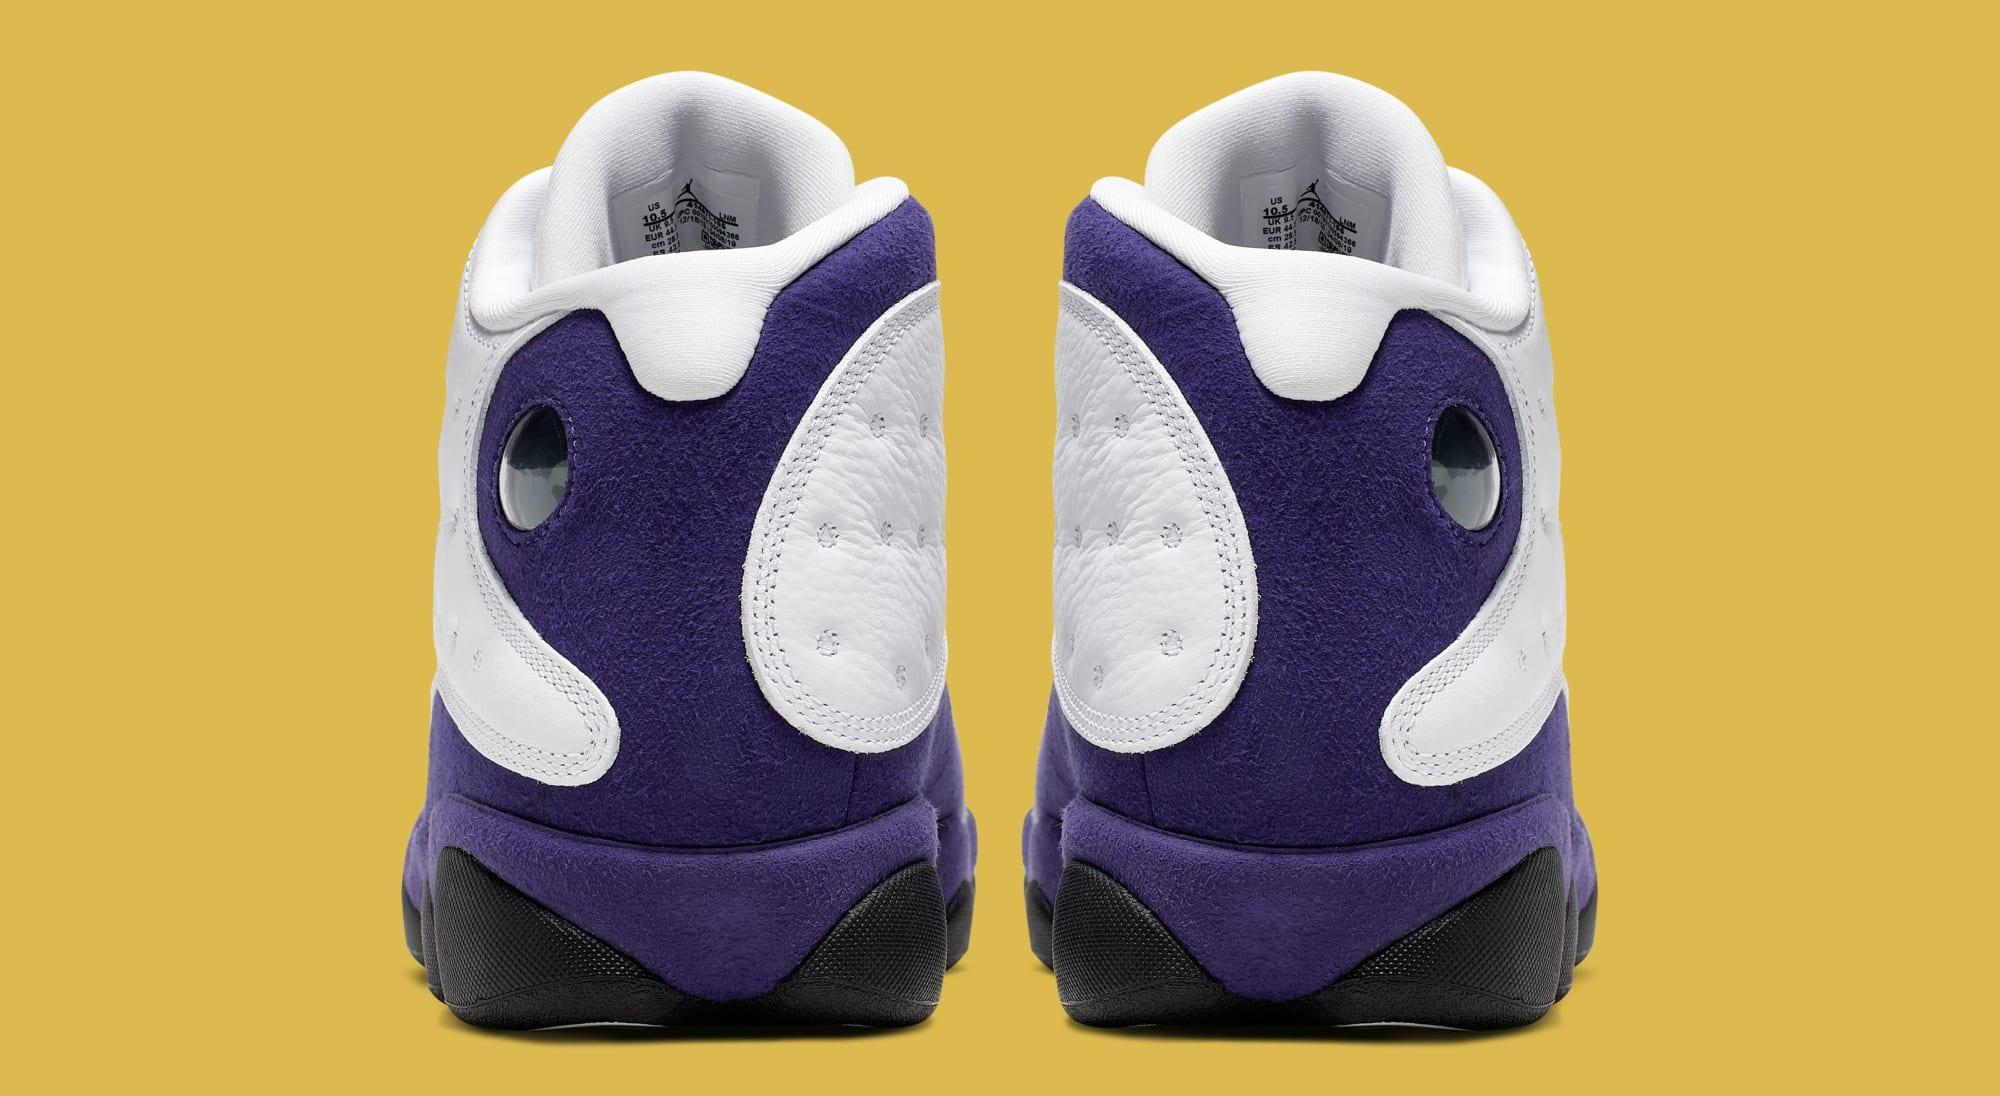 super popular a4b6e 46224 Air Jordan 13 'Lakers' White/Black-Court Purple-University ...